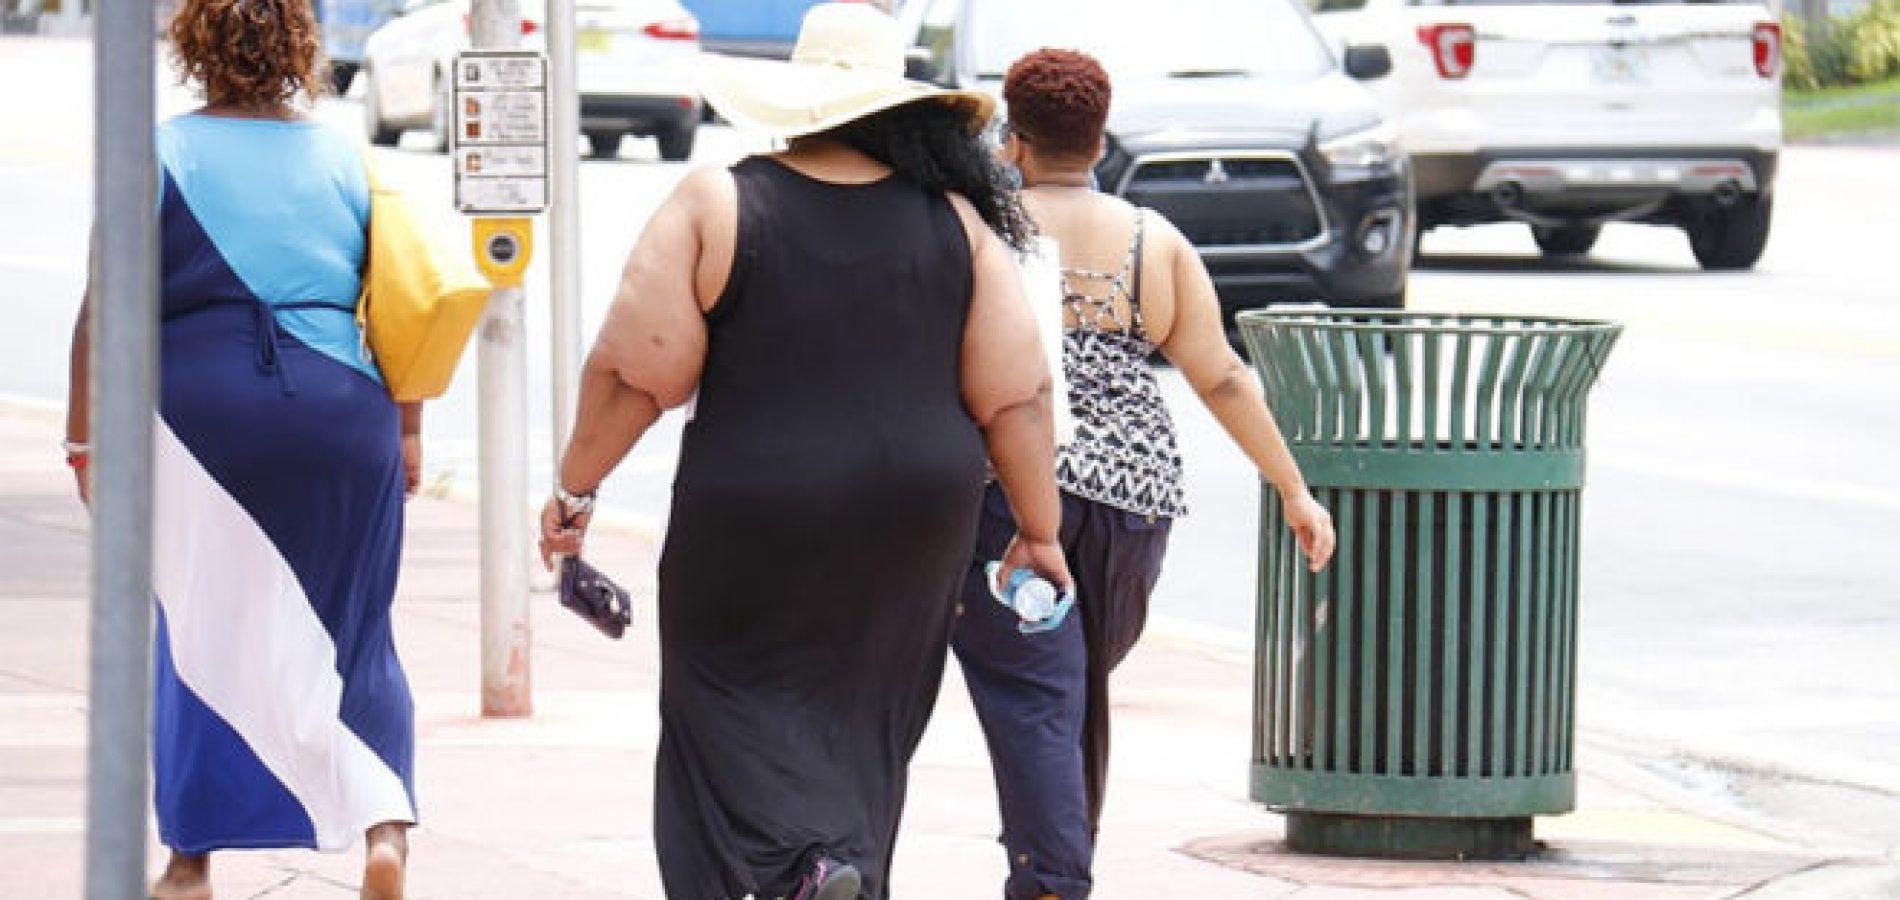 Combate ao preconceito: Brasil tem 56% da população obesa